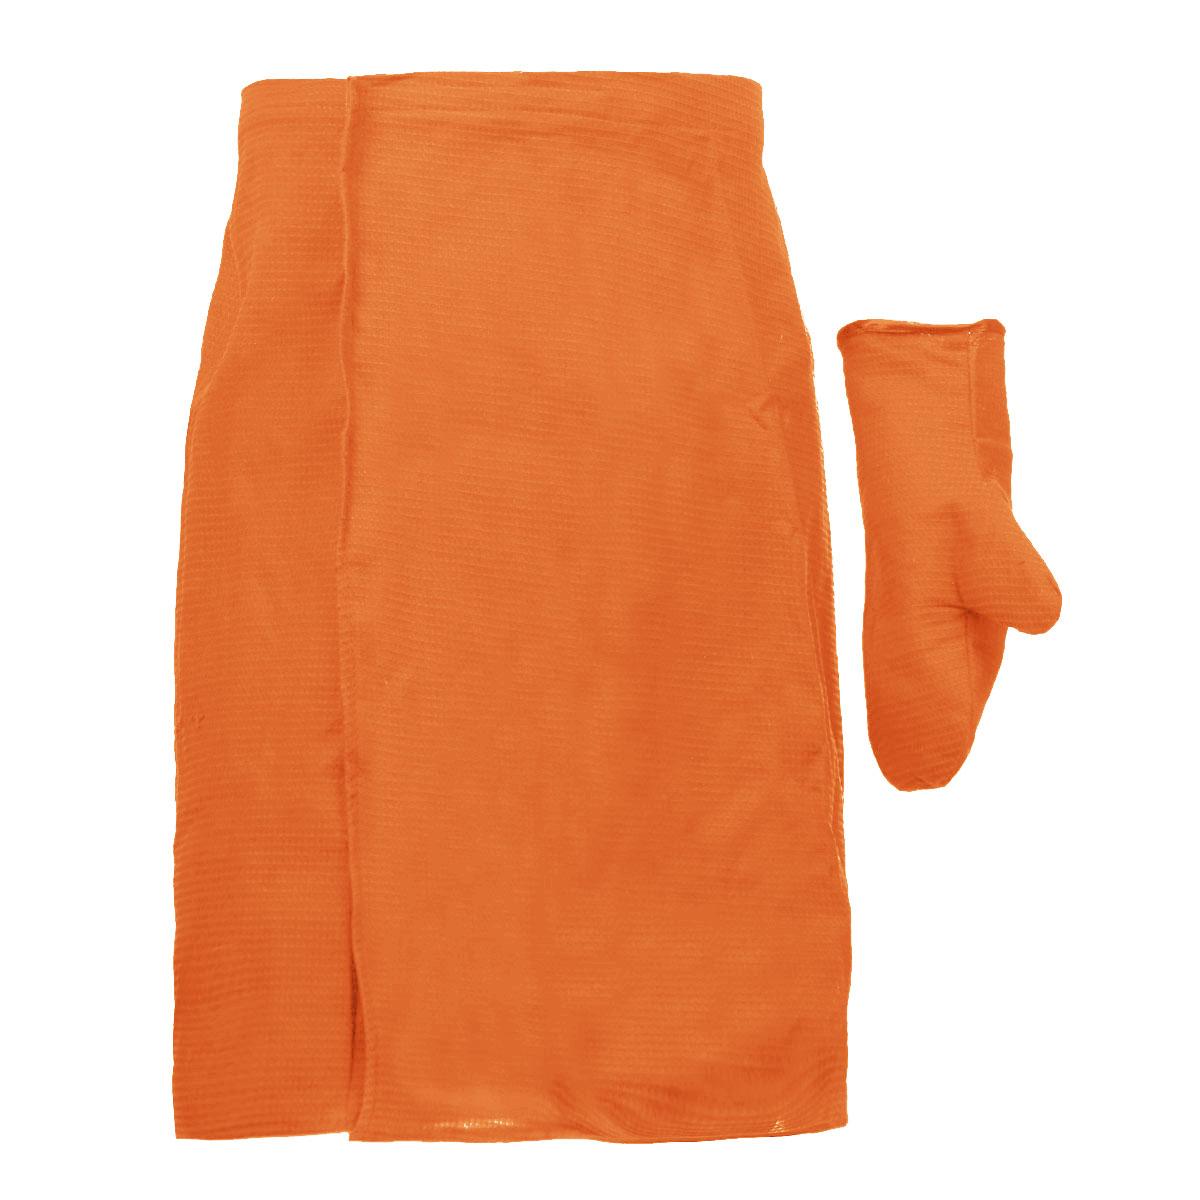 Комплект для бани и сауны Банные штучки, мужской, цвет: оранжевый, 2 предмета. 3206432064_оранжевыйКомплект для сауны и бани Банные штучки изготовлен из натурального, хорошо впитывающего влагу хлопка. Комплект состоит из однотонной вафельной накидки и рукавицы. Накидка специального кроя снабжена резинкой и застежкой-липучкой. Имеет универсальный размер. В парилке можно лежать на ней, после душа вытираться. Рукавица защитит ваши руки от ожогов, может использоваться для массажа тела. Комплект создан для активных и уверенных в себе людей. Отдых в сауне или бане - это полезный и в последнее время популярный способ времяпровождения. Комплект Банные штучки обеспечит вам комфорт и удобство. Размер накидки: 60 см х 145 см. Размер рукавицы: 27 см х 18,5 см.